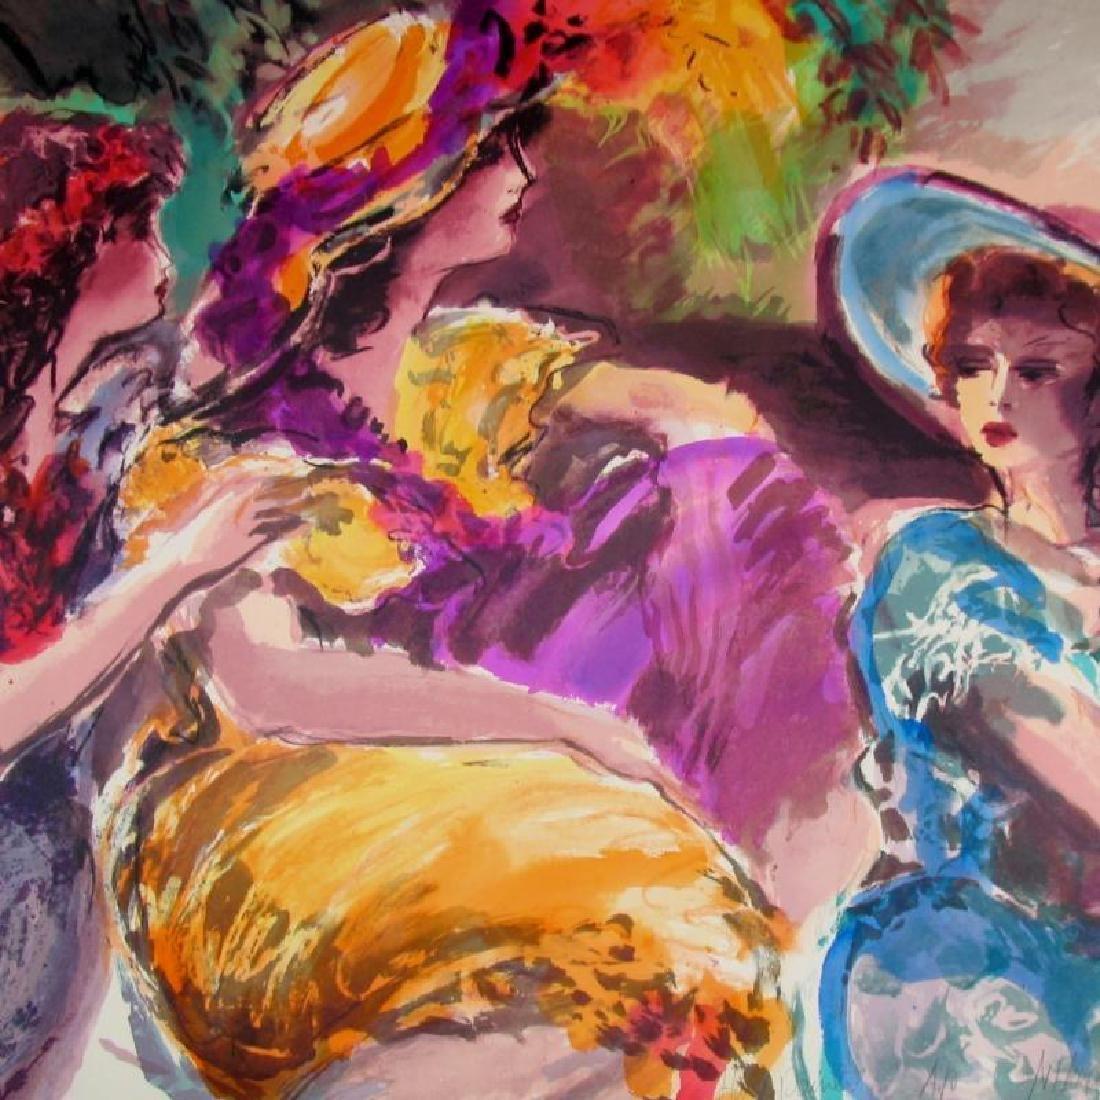 Huge 3 Women Maimon-Tarkay-Style Ltd Ed Signed Flantz - 4